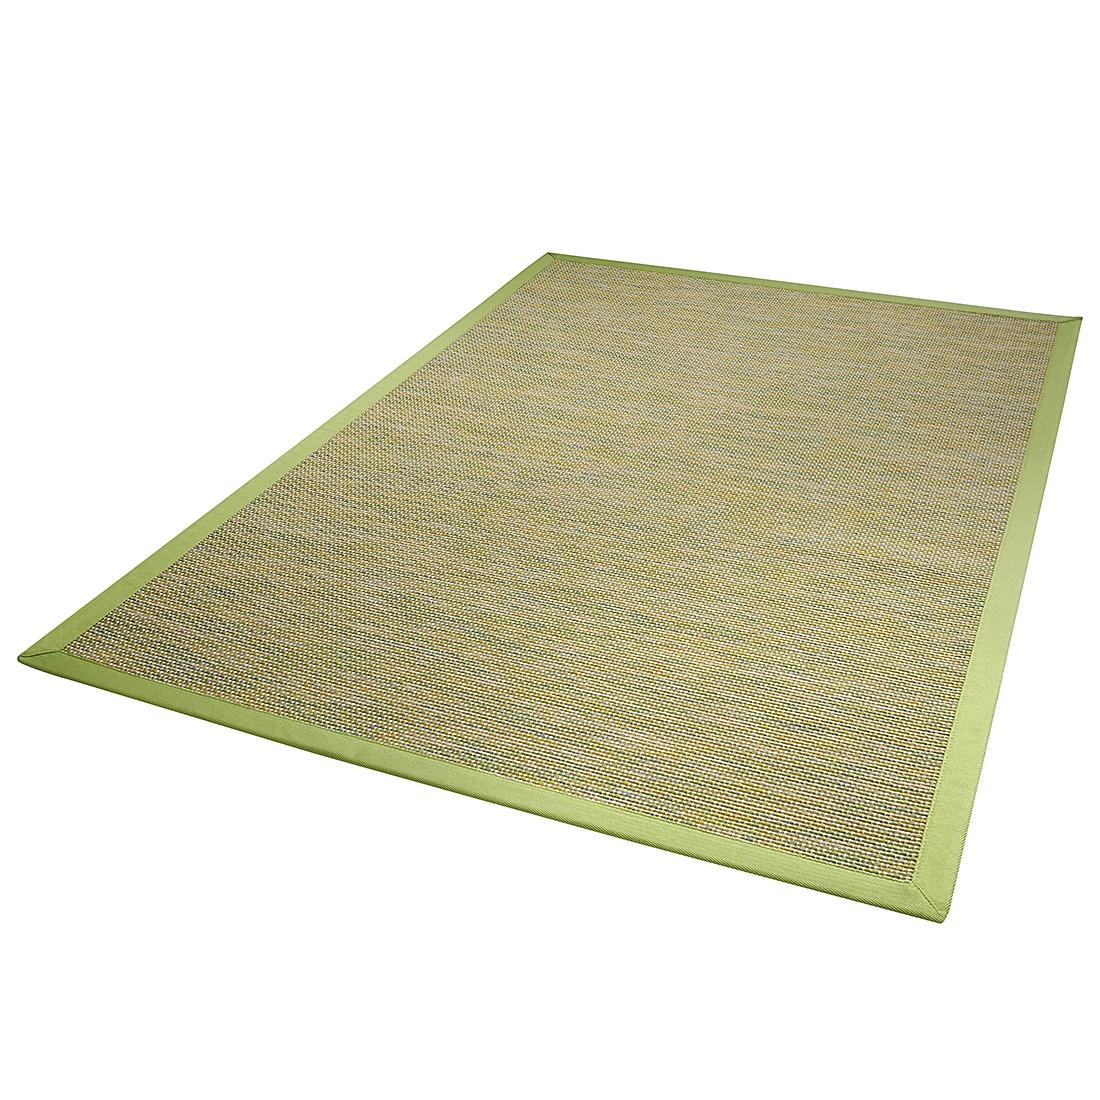 In-/Outdoorteppich Naturino Color – Grün – 80 x 250 cm, DEKOWE kaufen